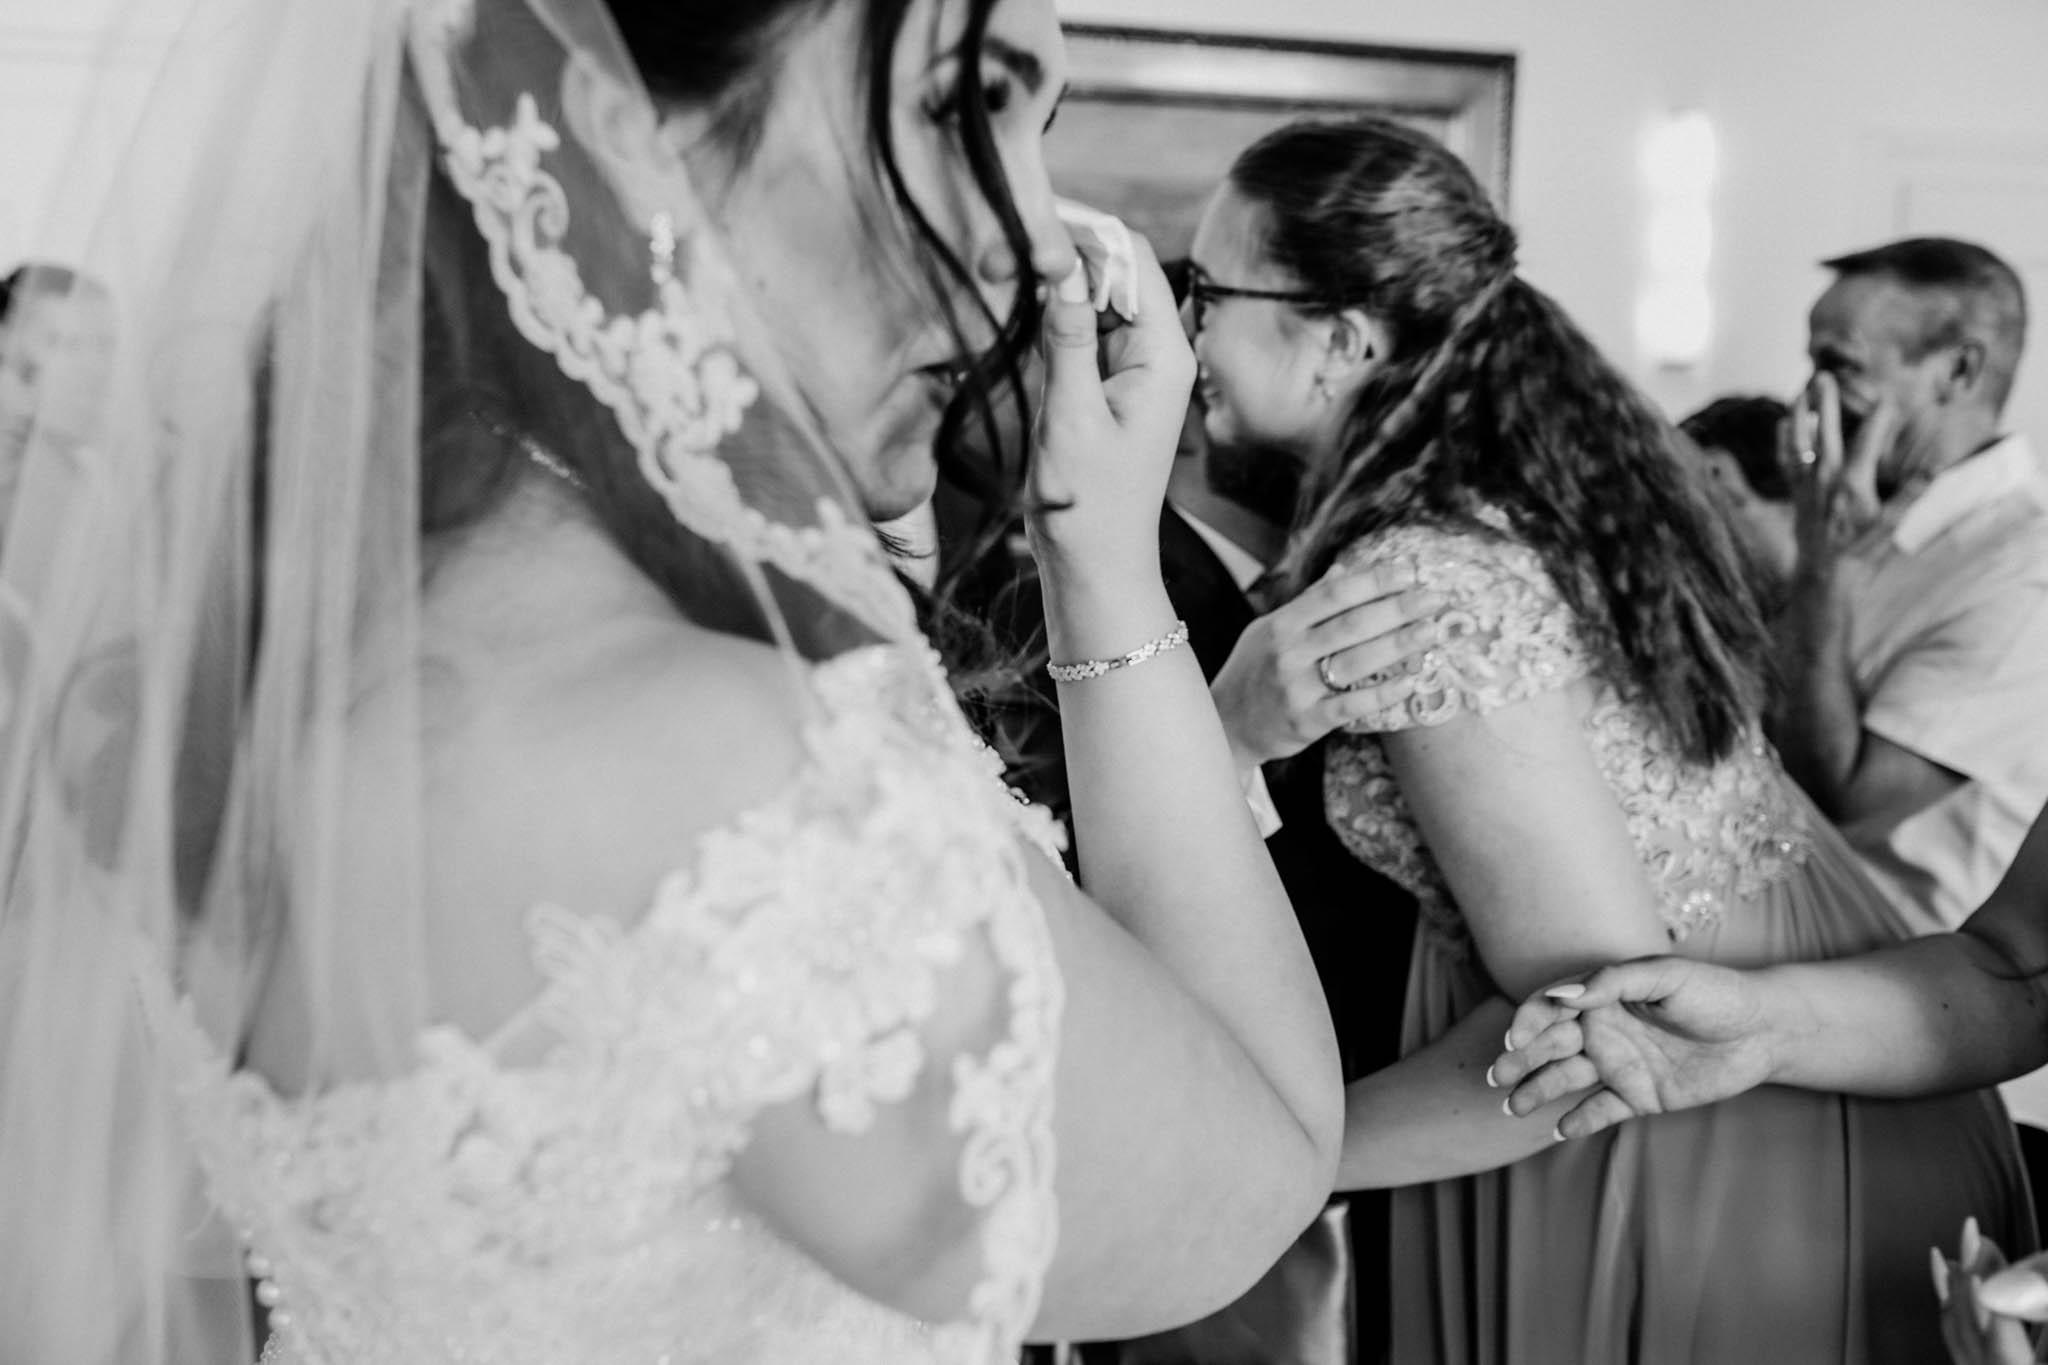 Hochzeitsfieber by Photo-Schomburg, Hochzeitsfotograf, Hamburg, Altona, wedding, Standesamt Altona, Appen, Hochzeitsshooting, Hochzeitstag, Brautpaar-51